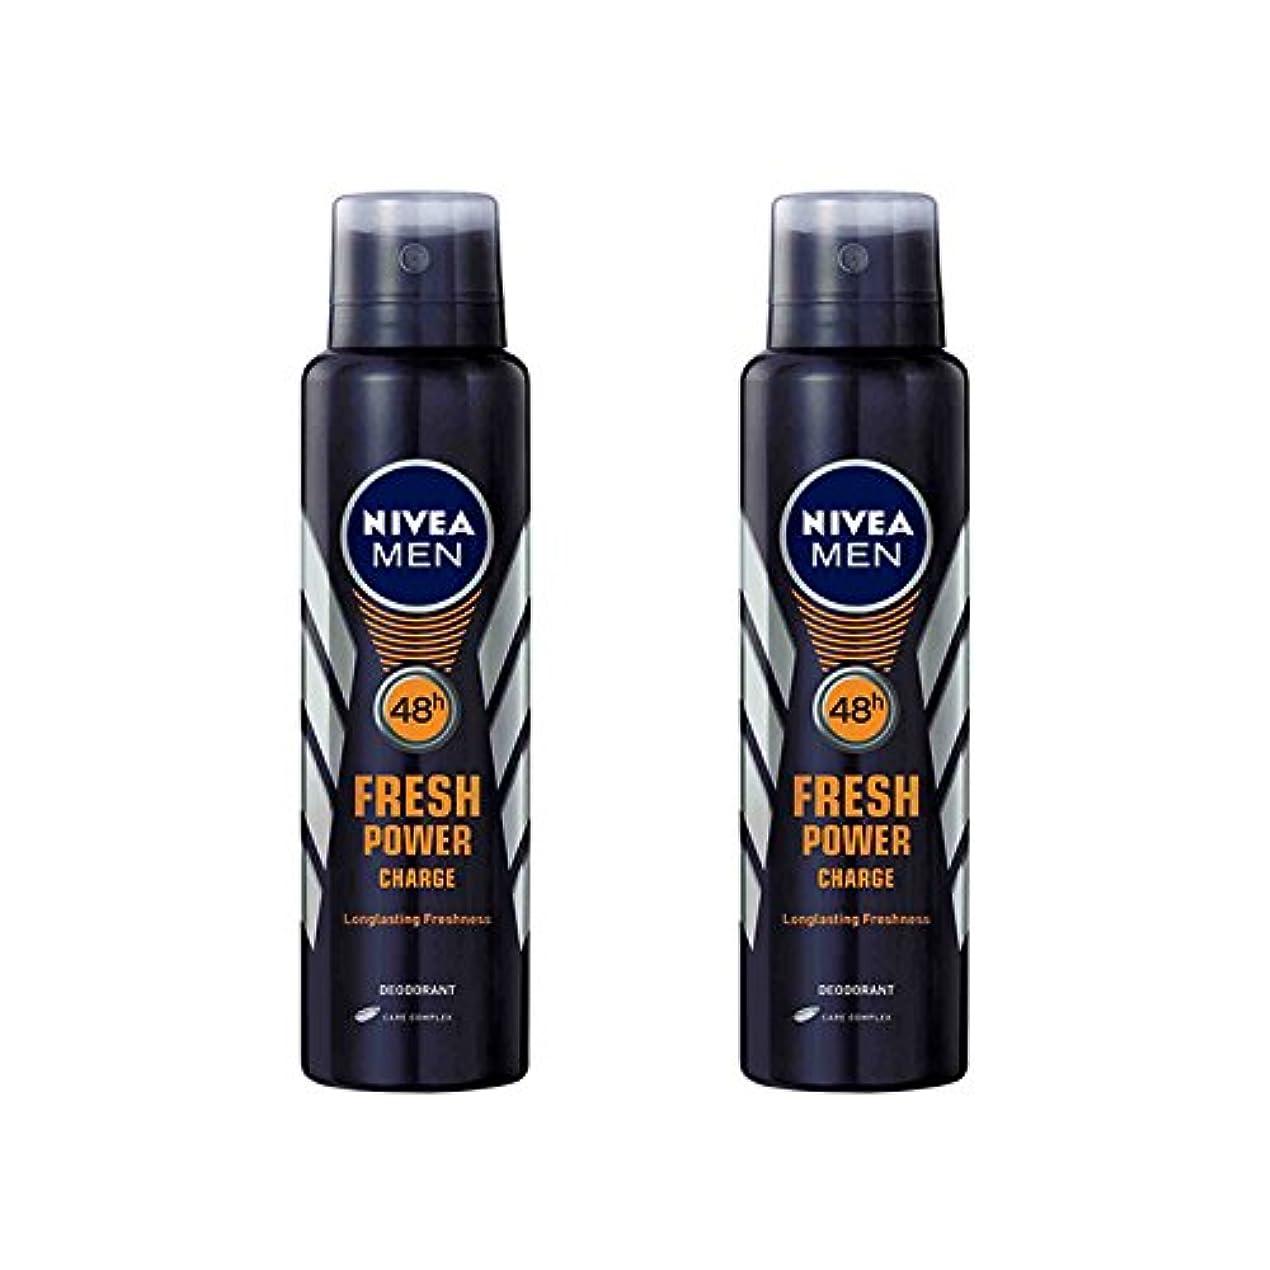 重要性動くバンジージャンプ2 Lots X Nivea Male Deodorant Fresh Power Charge, 150ml - 並行輸入品 - 2ロットXニベア男性デオドラントフレッシュパワーチャージ、150ml